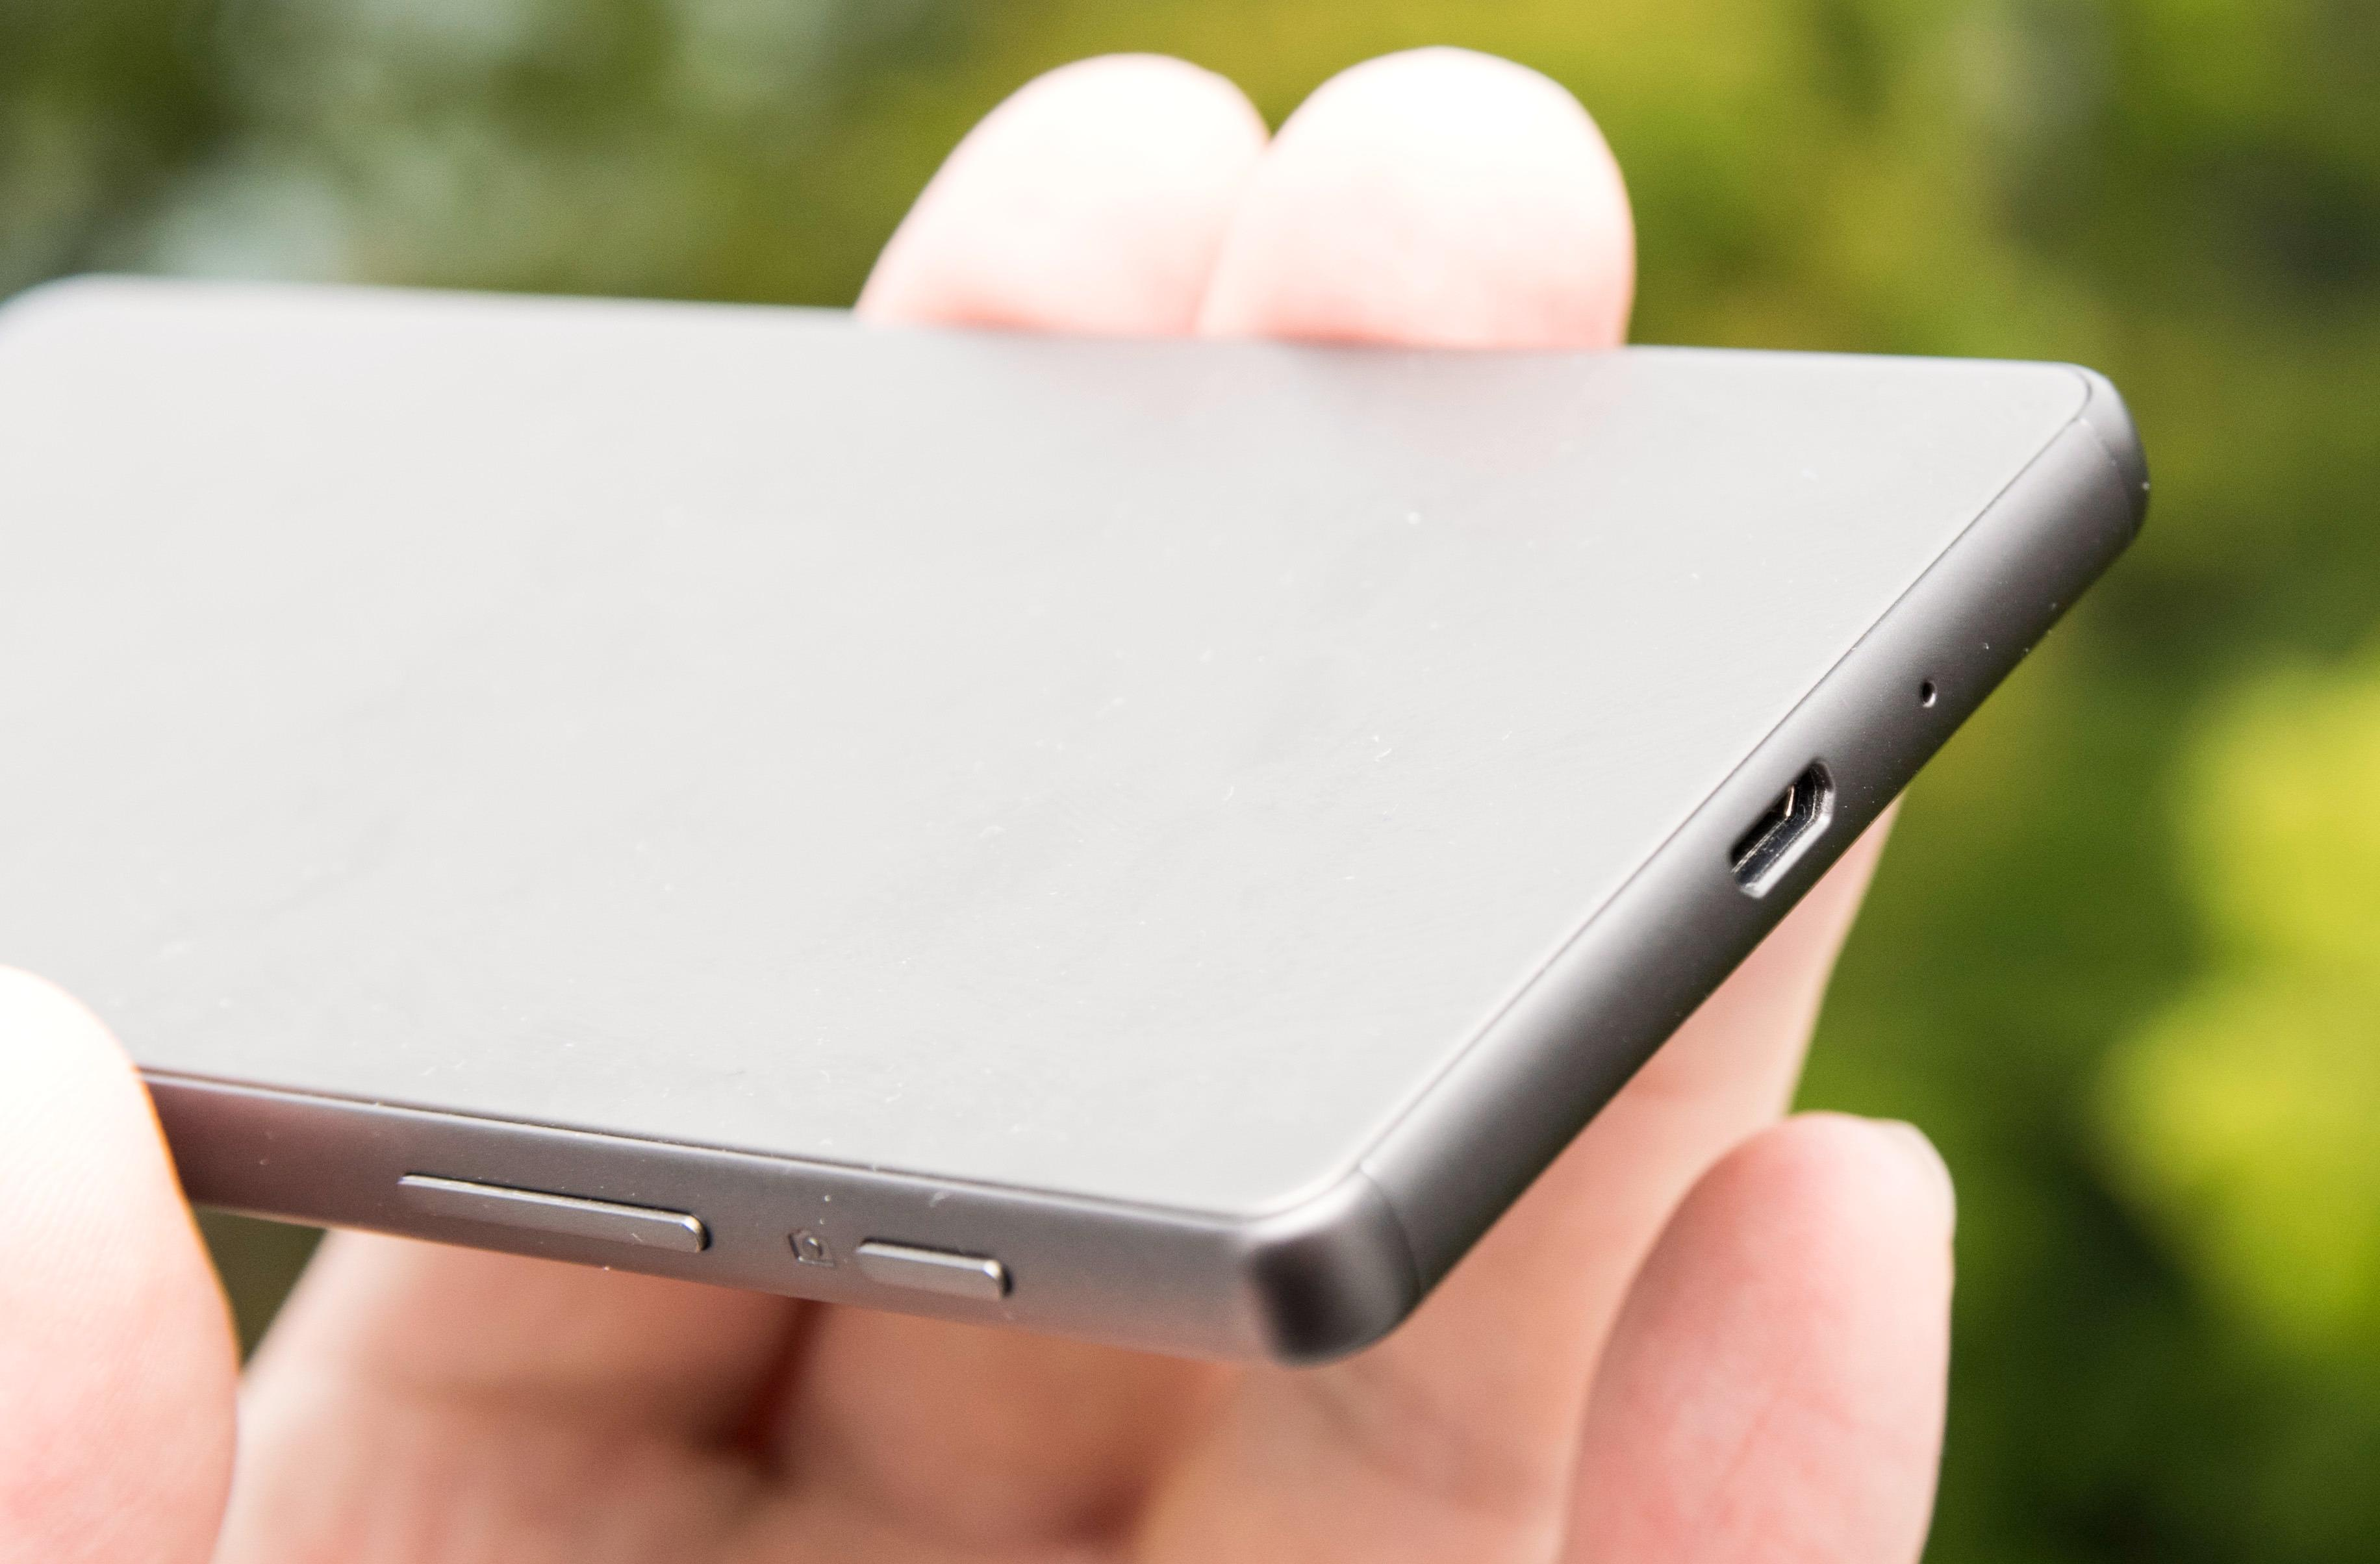 Xperia X kjører fortsatt Micro-USB fremfor den nye USB type-C-pluggen. Volumtastene bor fortsatt litt vel langt ned på telefonen, sammen med utløsertasten.